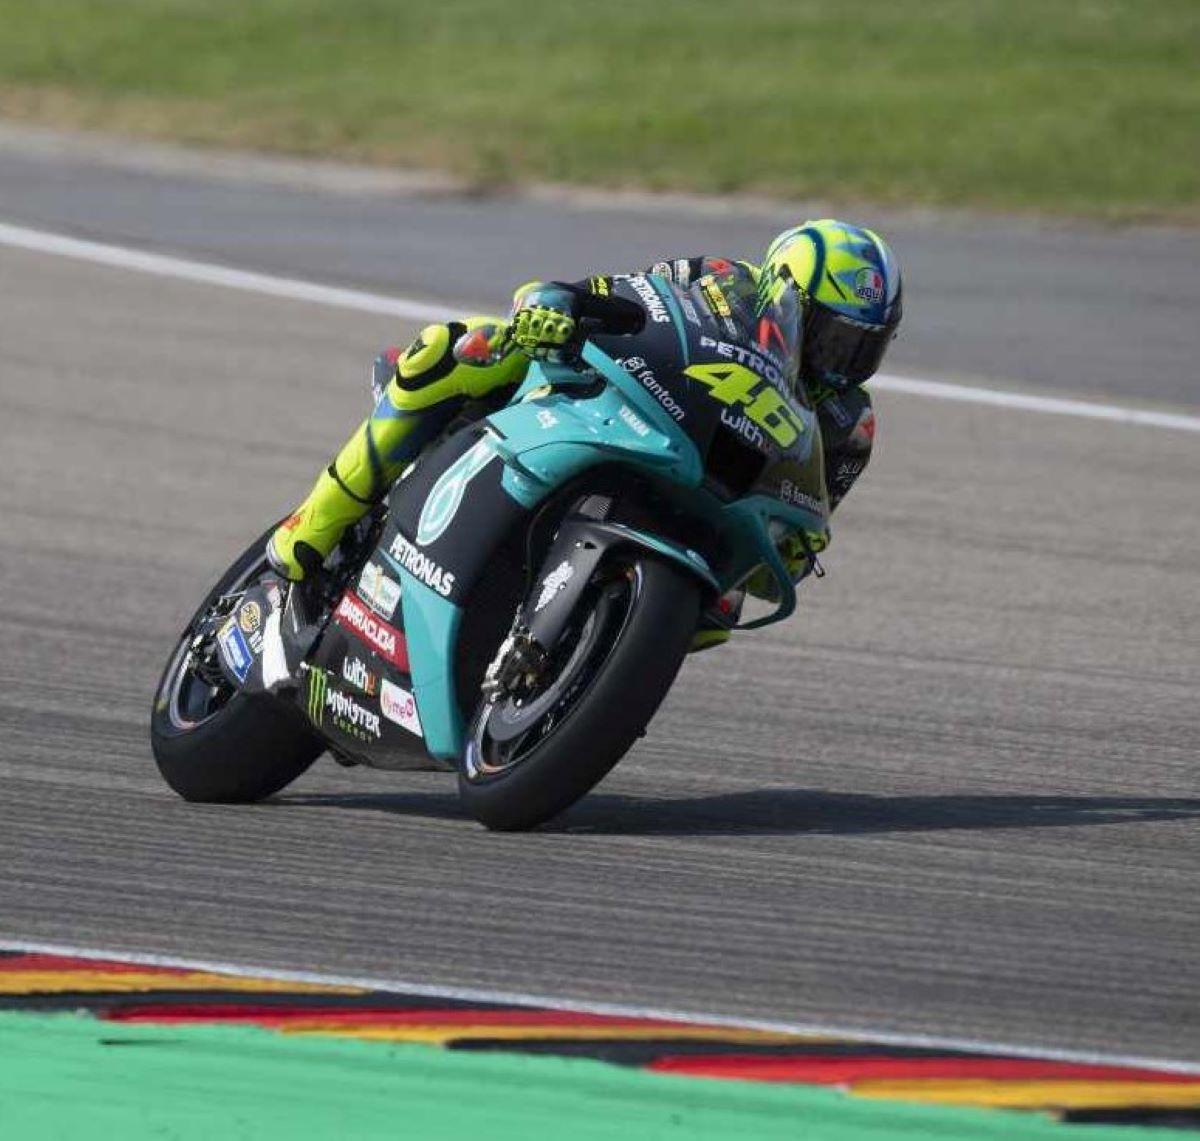 Valentino Rossi Annuncio Ritiro Pilota Moto Gp